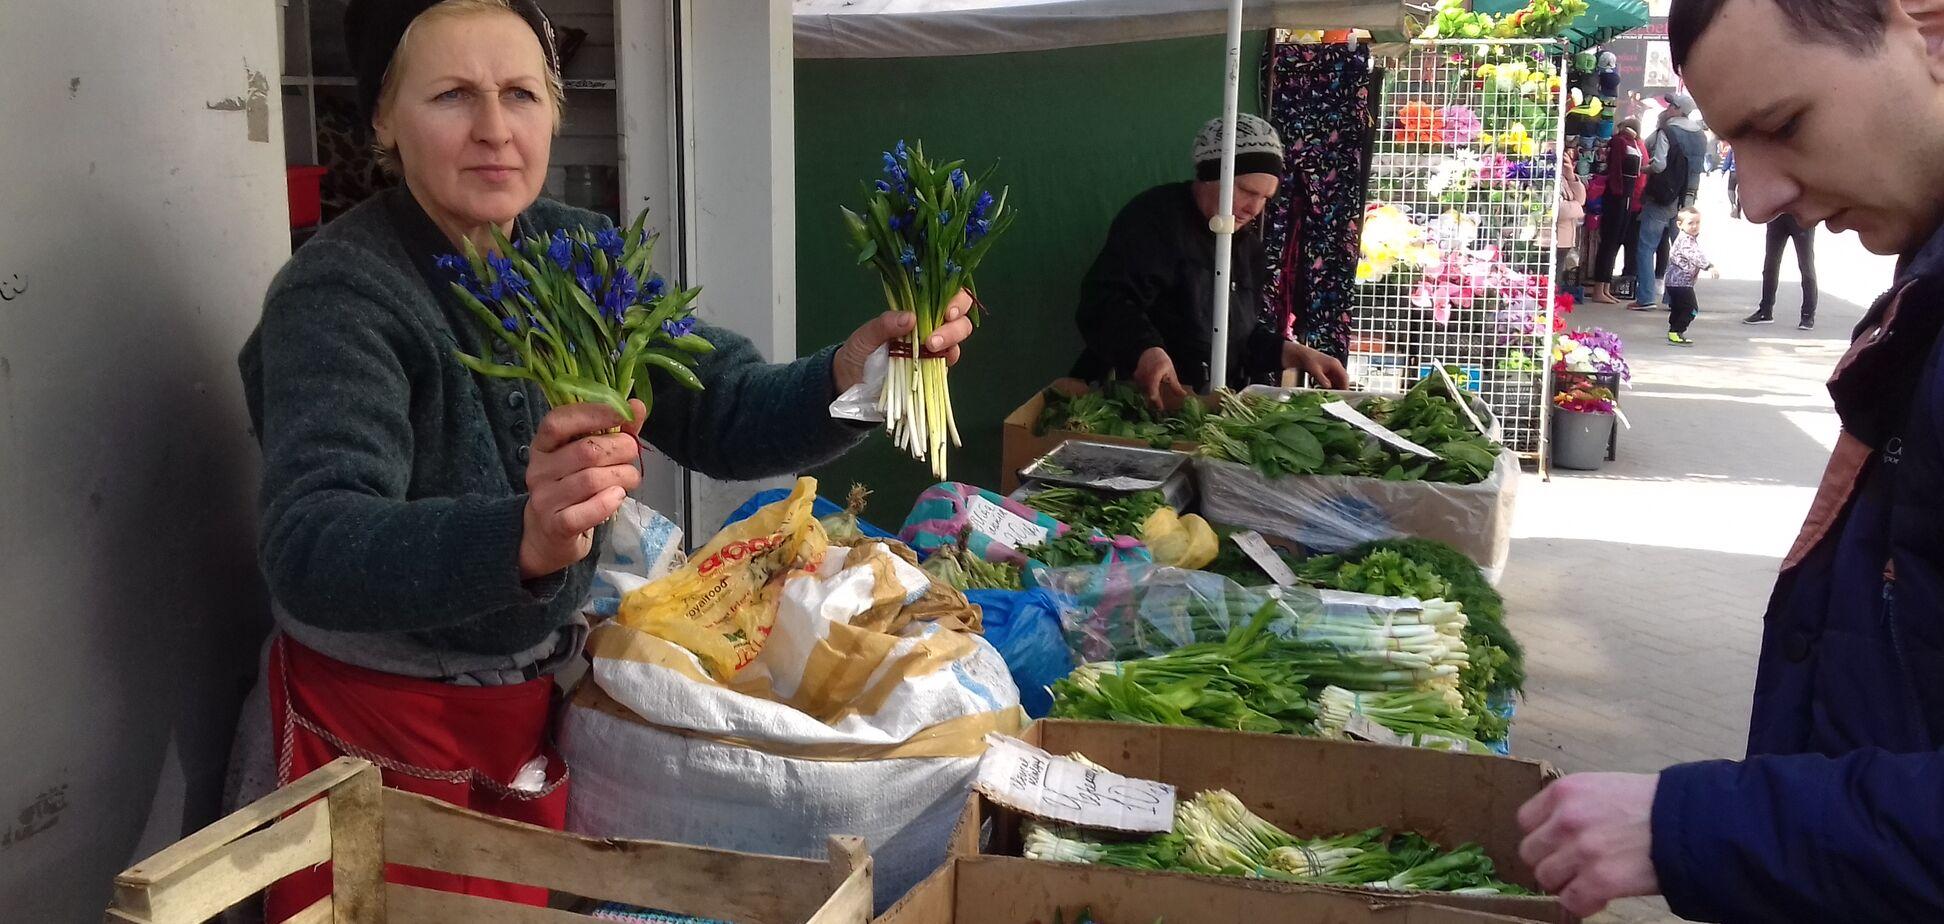 В Харькове устроили облаву на торговцев редкими растениями: яркий фоторепортаж